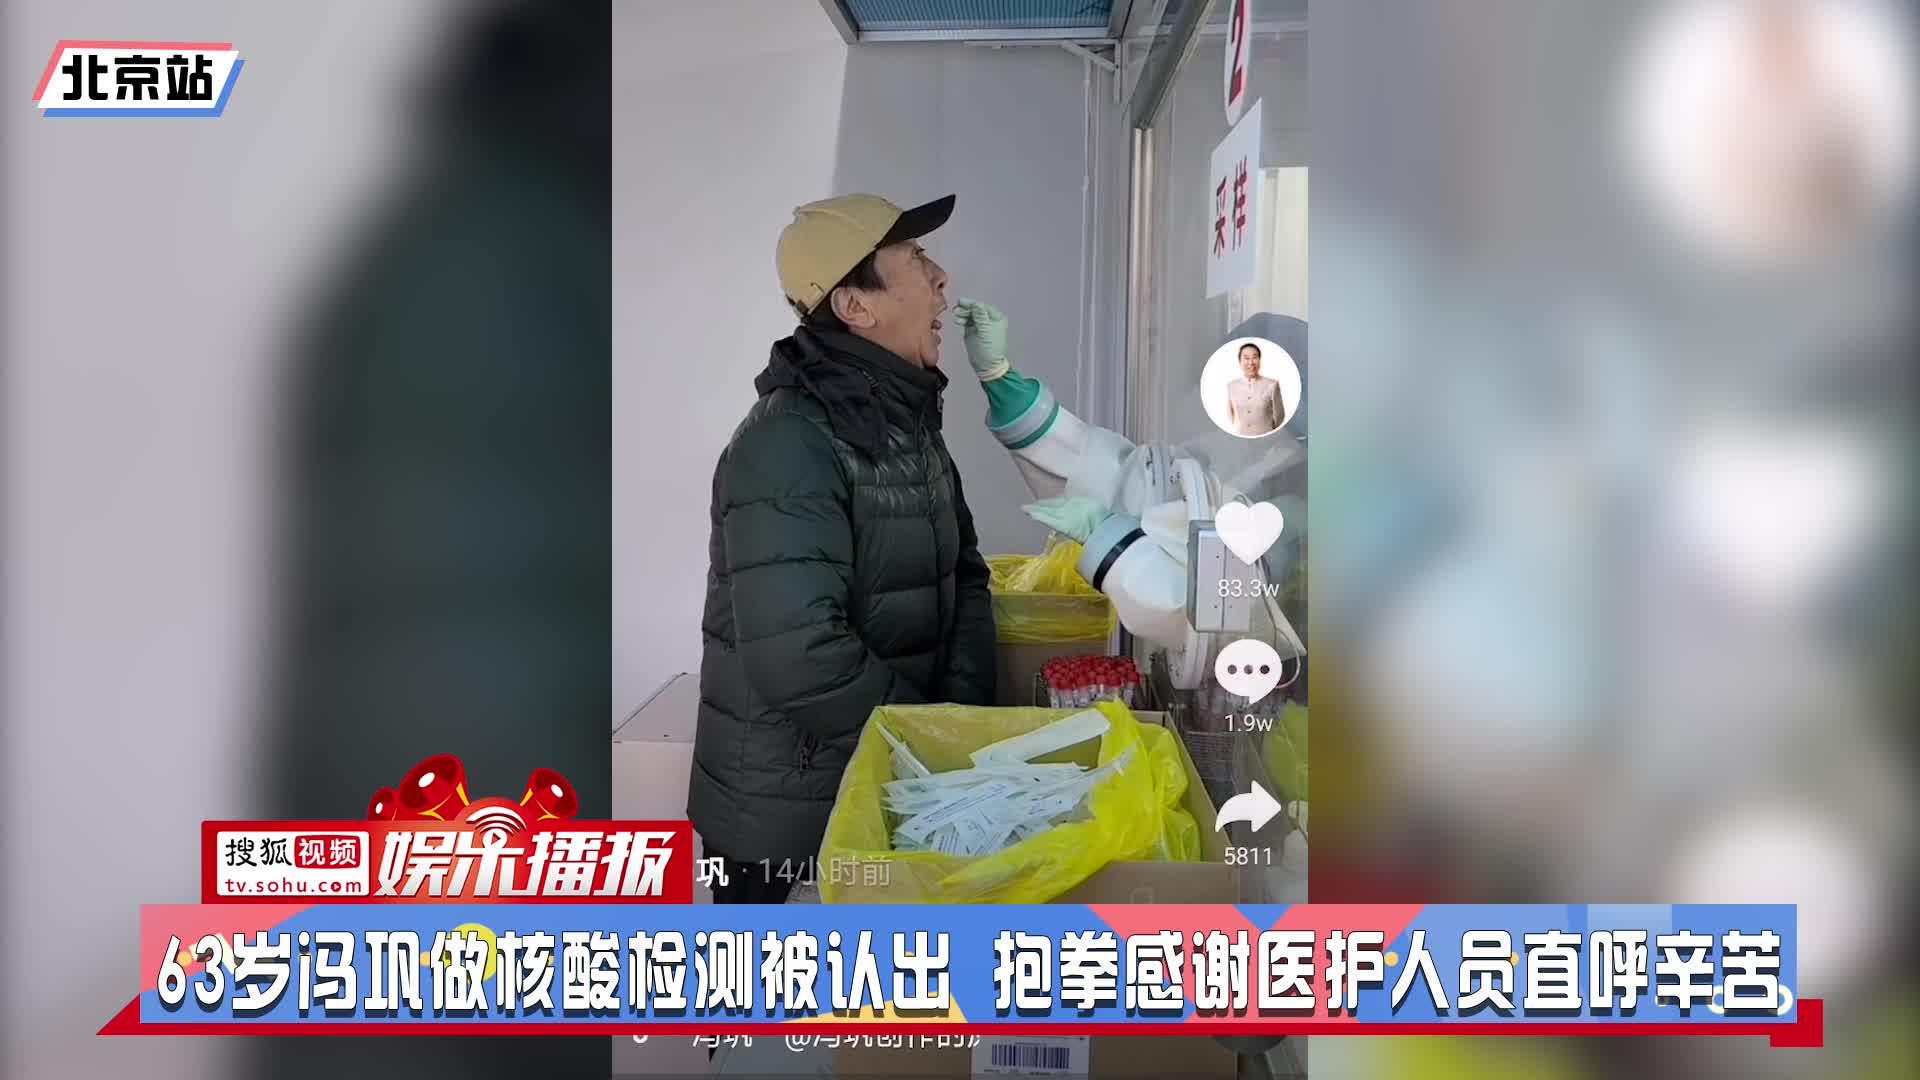 63岁冯巩做核酸检测被认出 抱拳感谢医护人员直呼辛苦